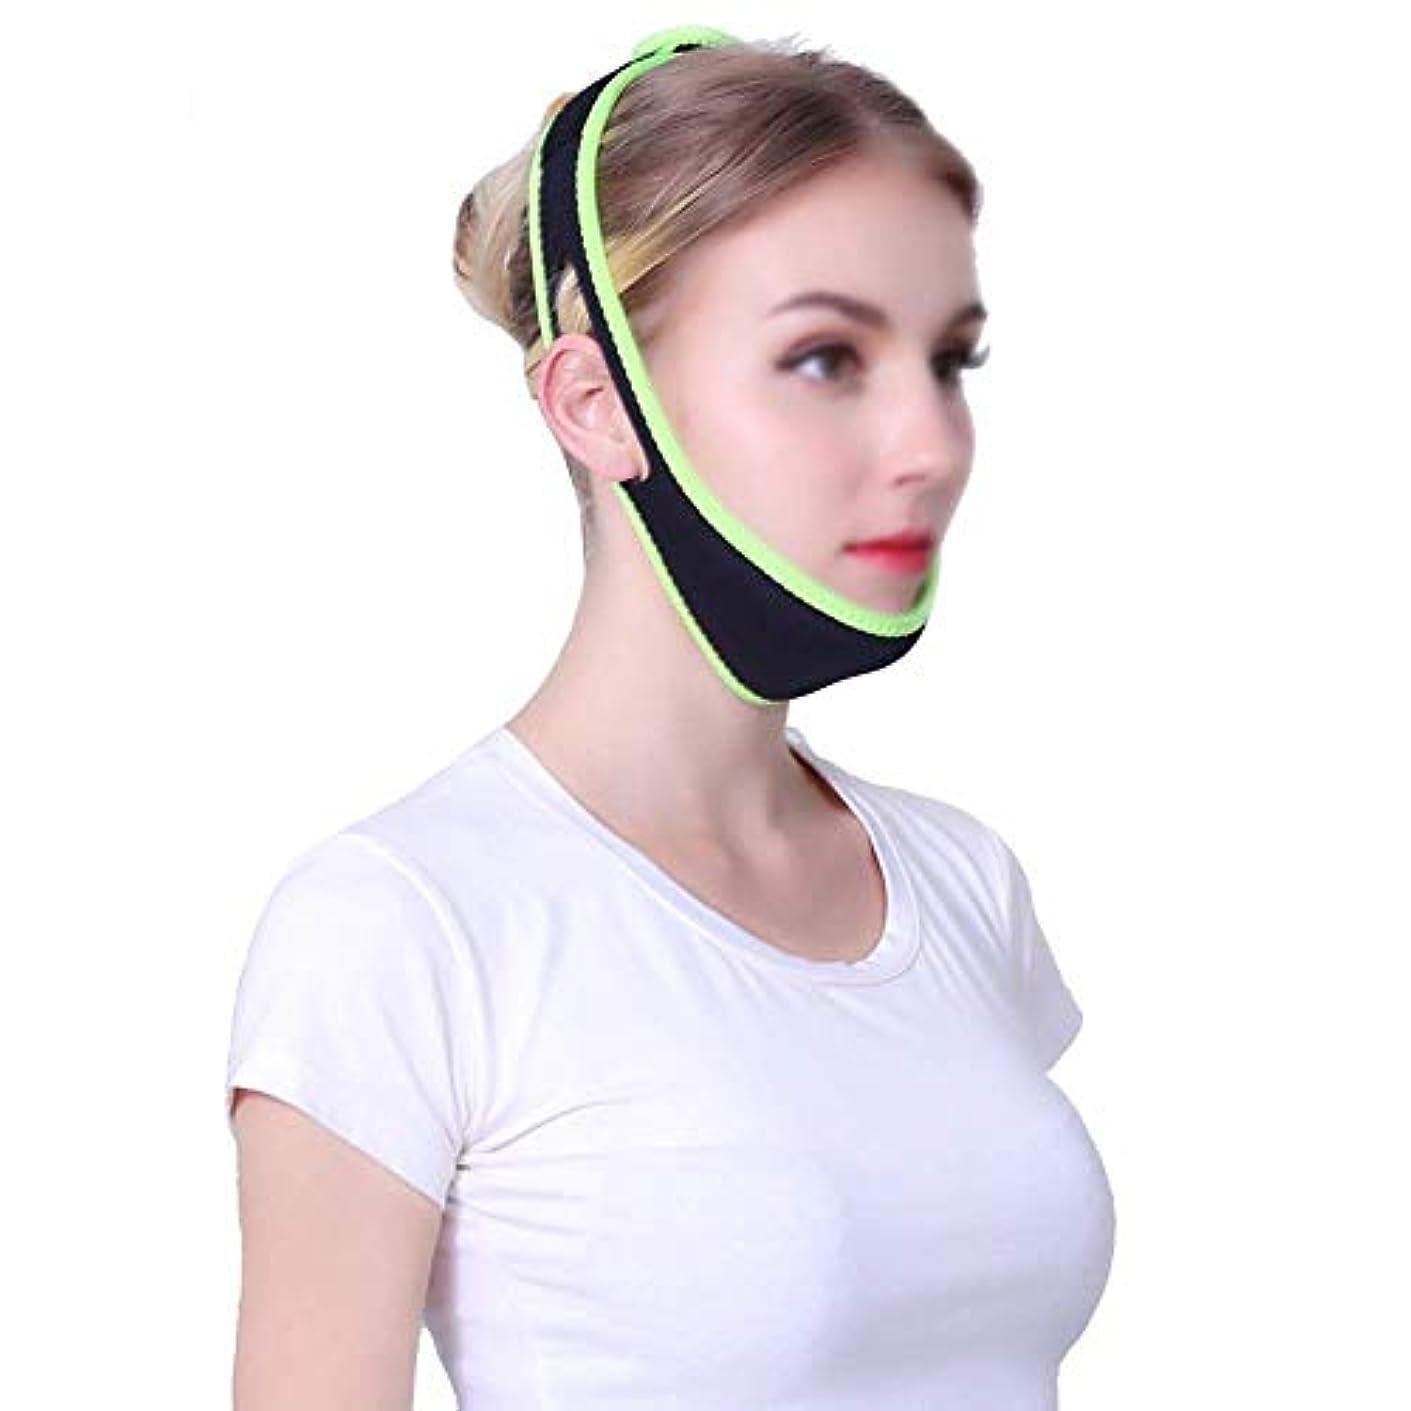 苛性義務付けられた倍増引き締めフェイスマスク、小さなVフェイスアーティファクト睡眠リフティングマスク付き薄型フェイスバンデージマスク引き締めクリームフェイスリフトフェイスメロンフェイス楽器